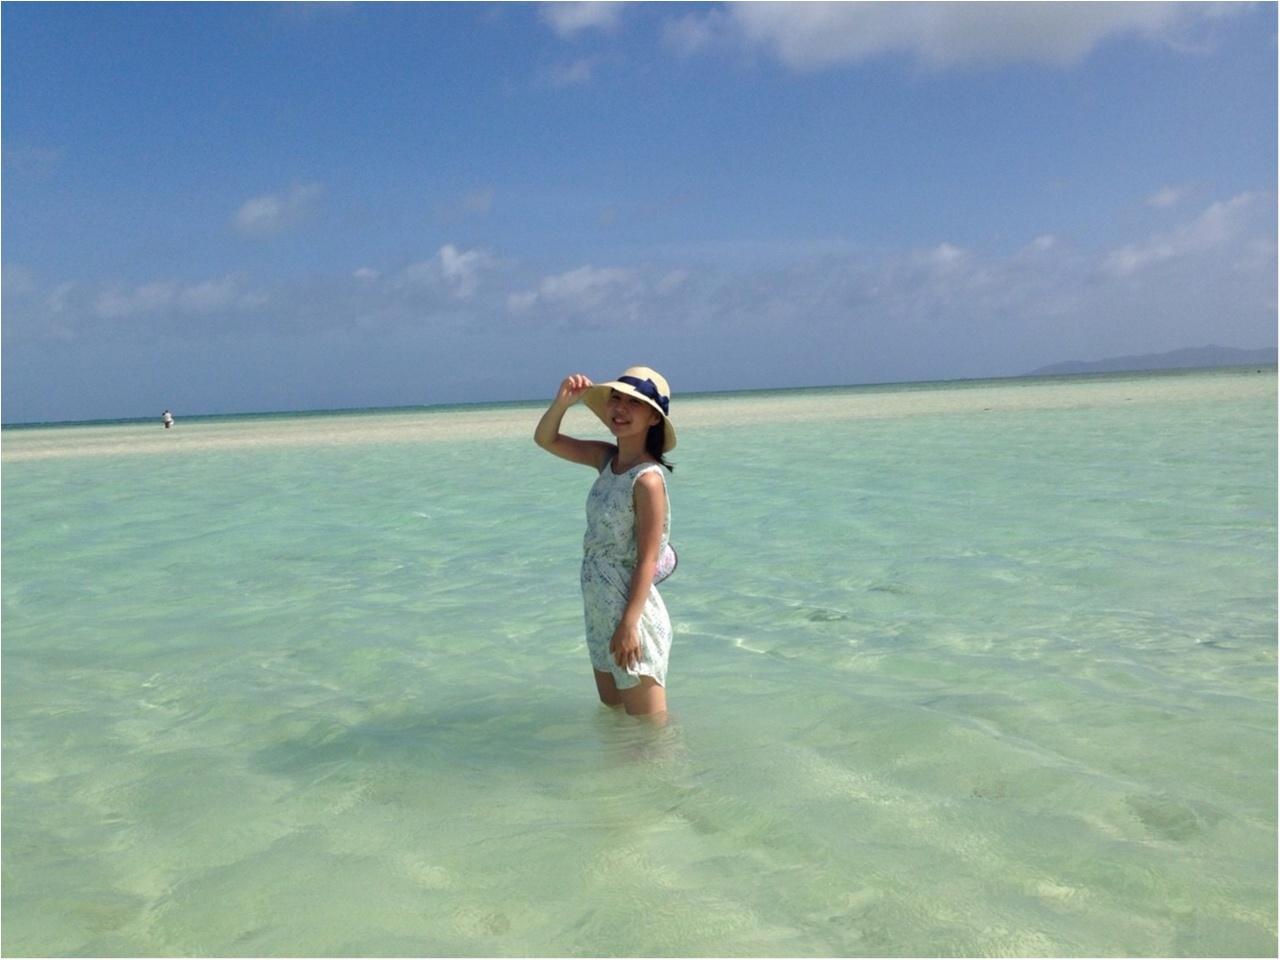 オススメ本【Travel】海?山?世界遺産?旅行好きな方へ。世界一周した気分に、、✨✨夏休みどこいくか決めた??❤️_3